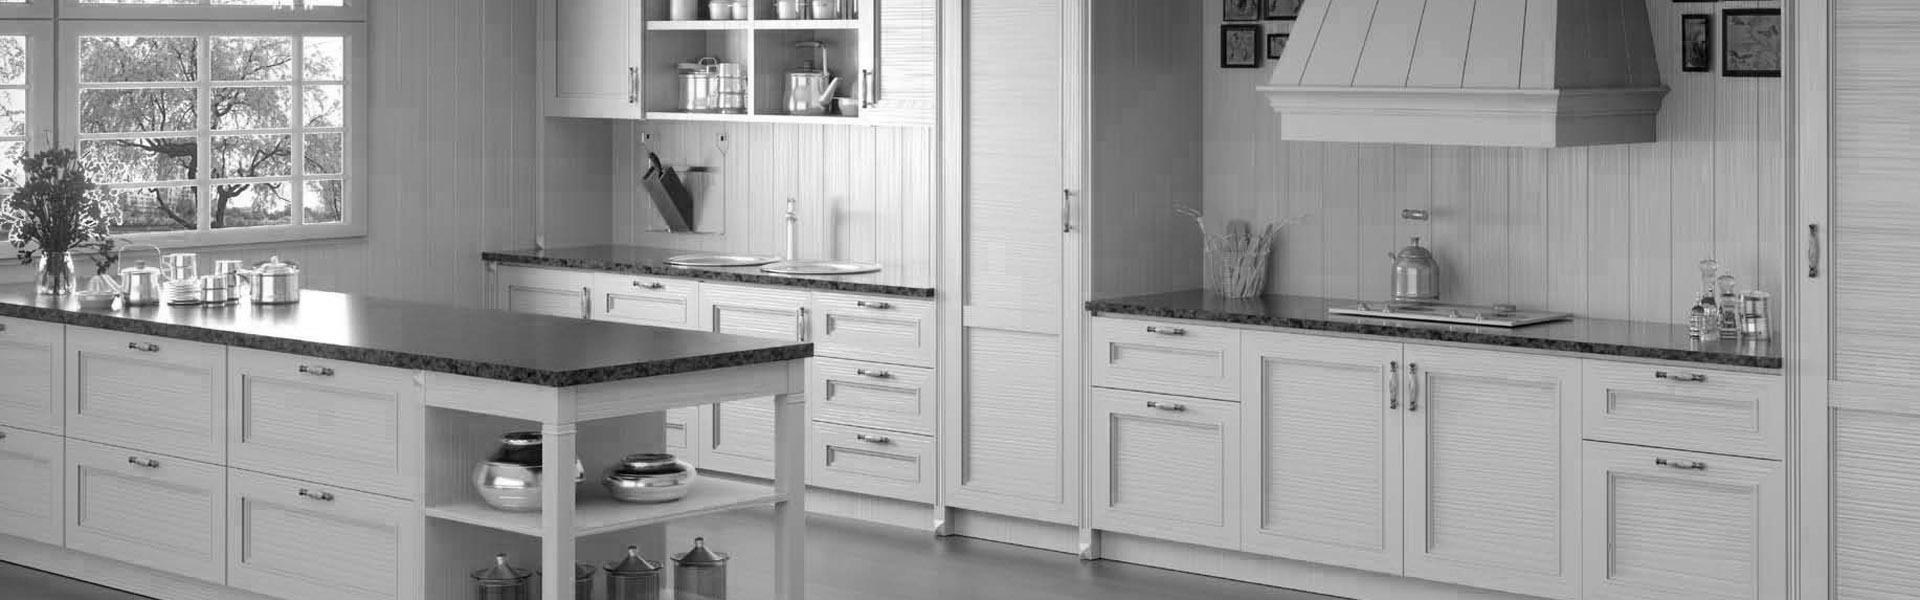 Nosotros | Cocinas baños muebles de cocina y baño en Palencia Corian ...